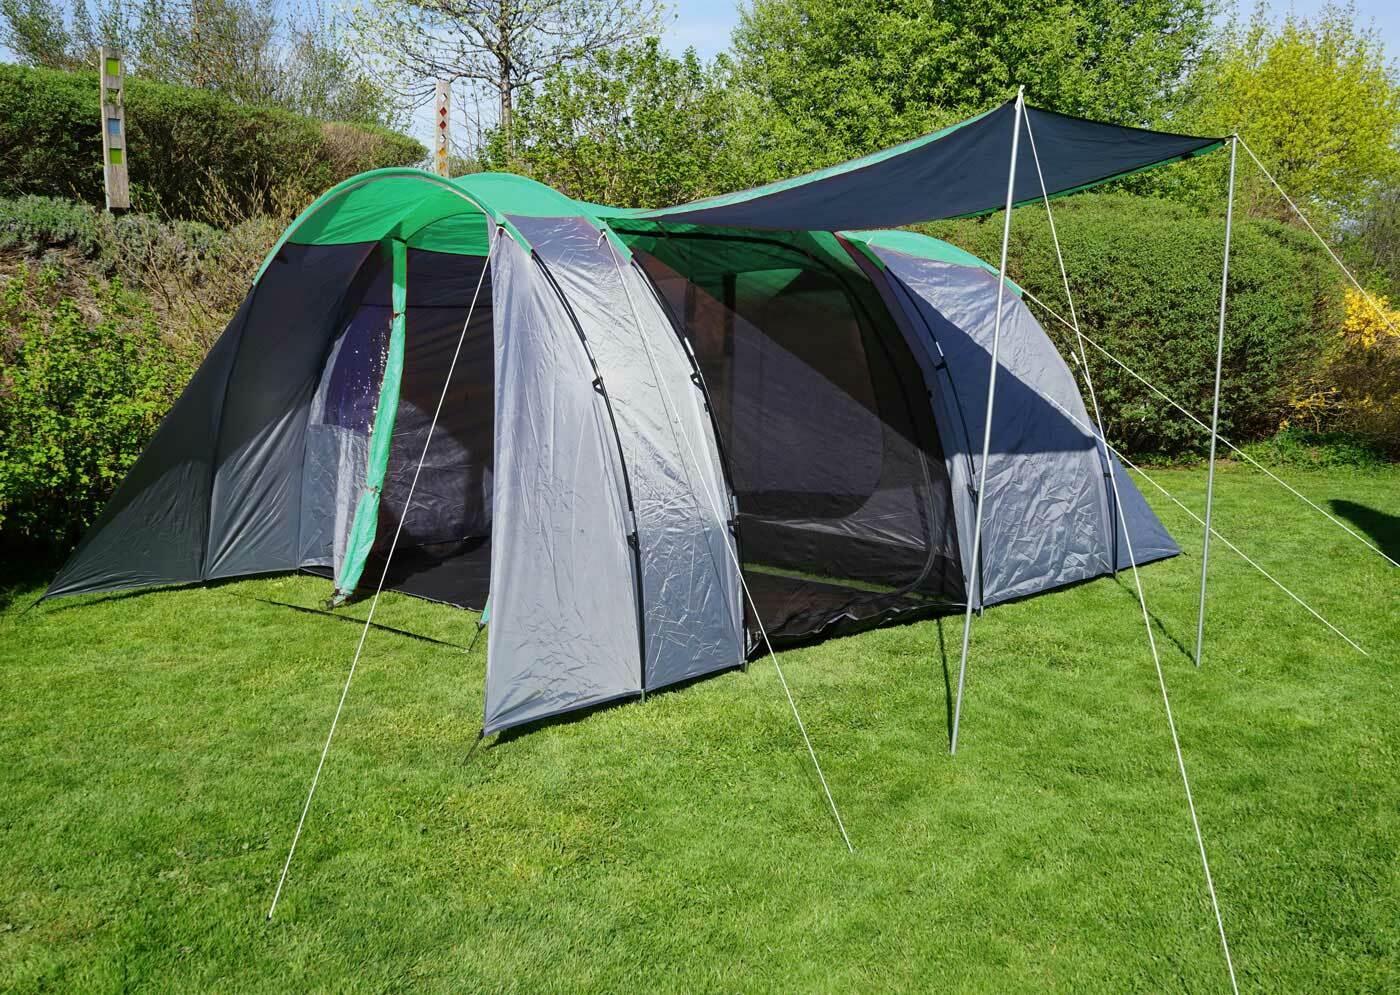 Tenda hwca99, Cupola Tenda Da Campeggio Festival TendaTenda, 6 persone verdeGrigio